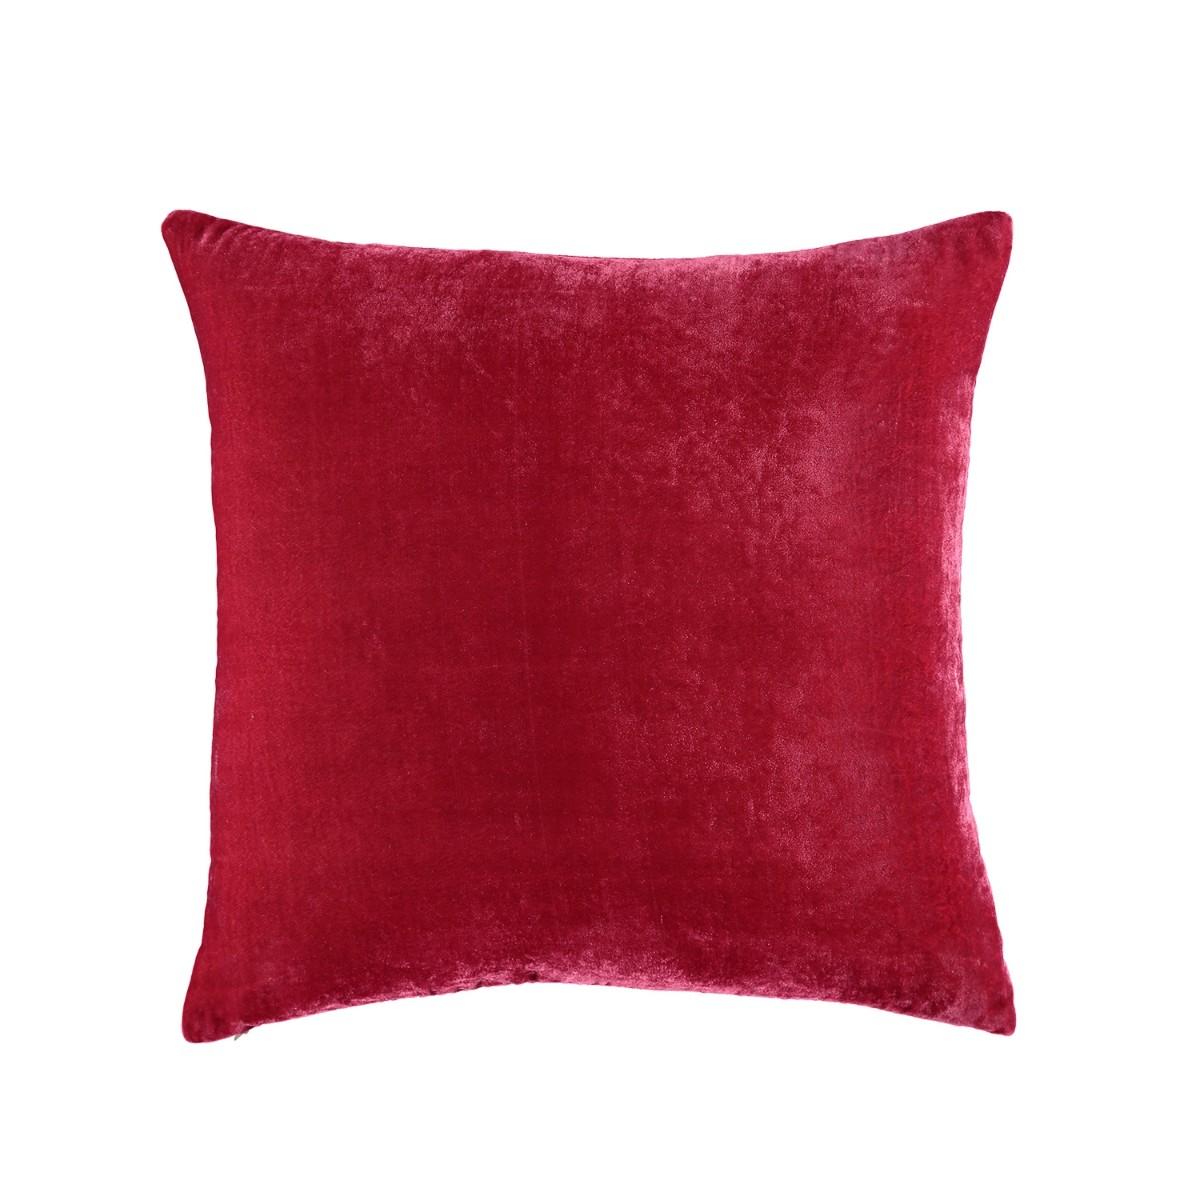 William Yeoward  Paddy Velvet Cushion Rose